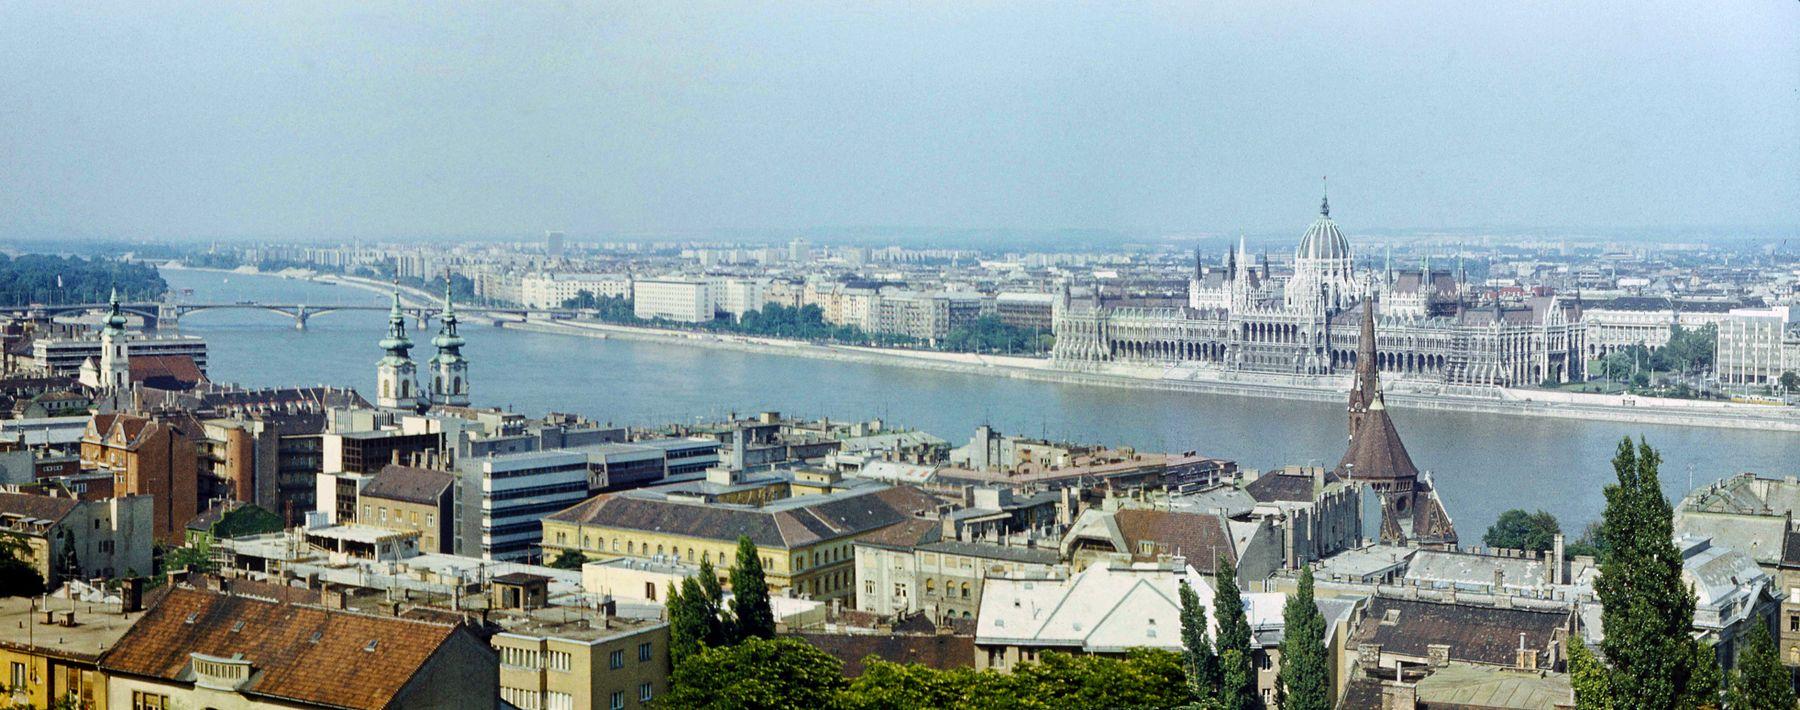 Будапешт 01 Будапешт Дунай венгерский парламент мост Маргит остров